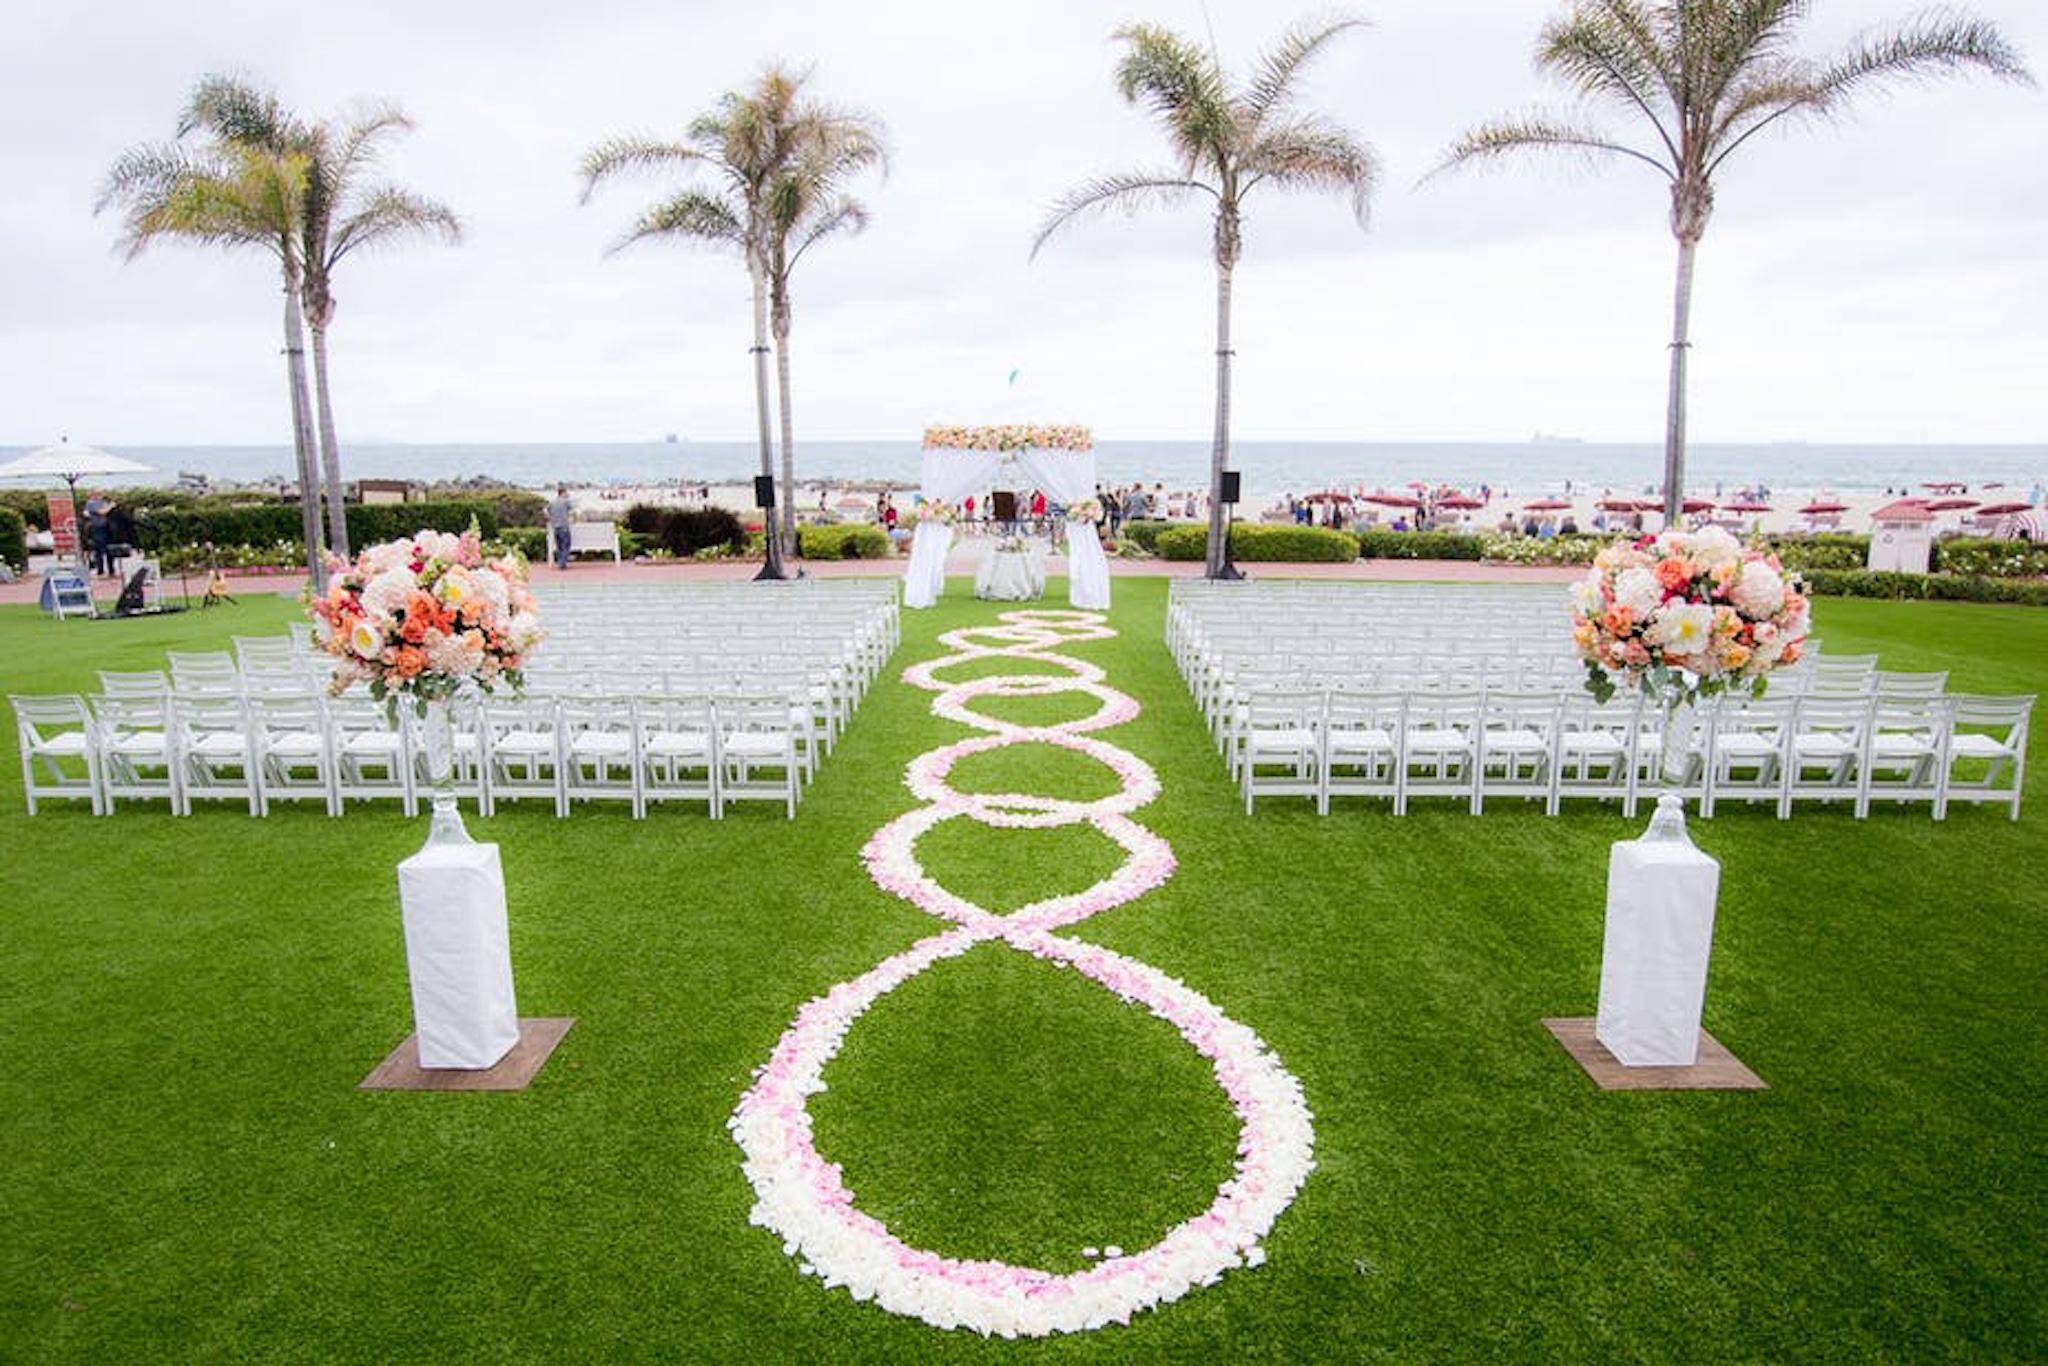 Hotel Del Coronado by Hilton San Diego lawn